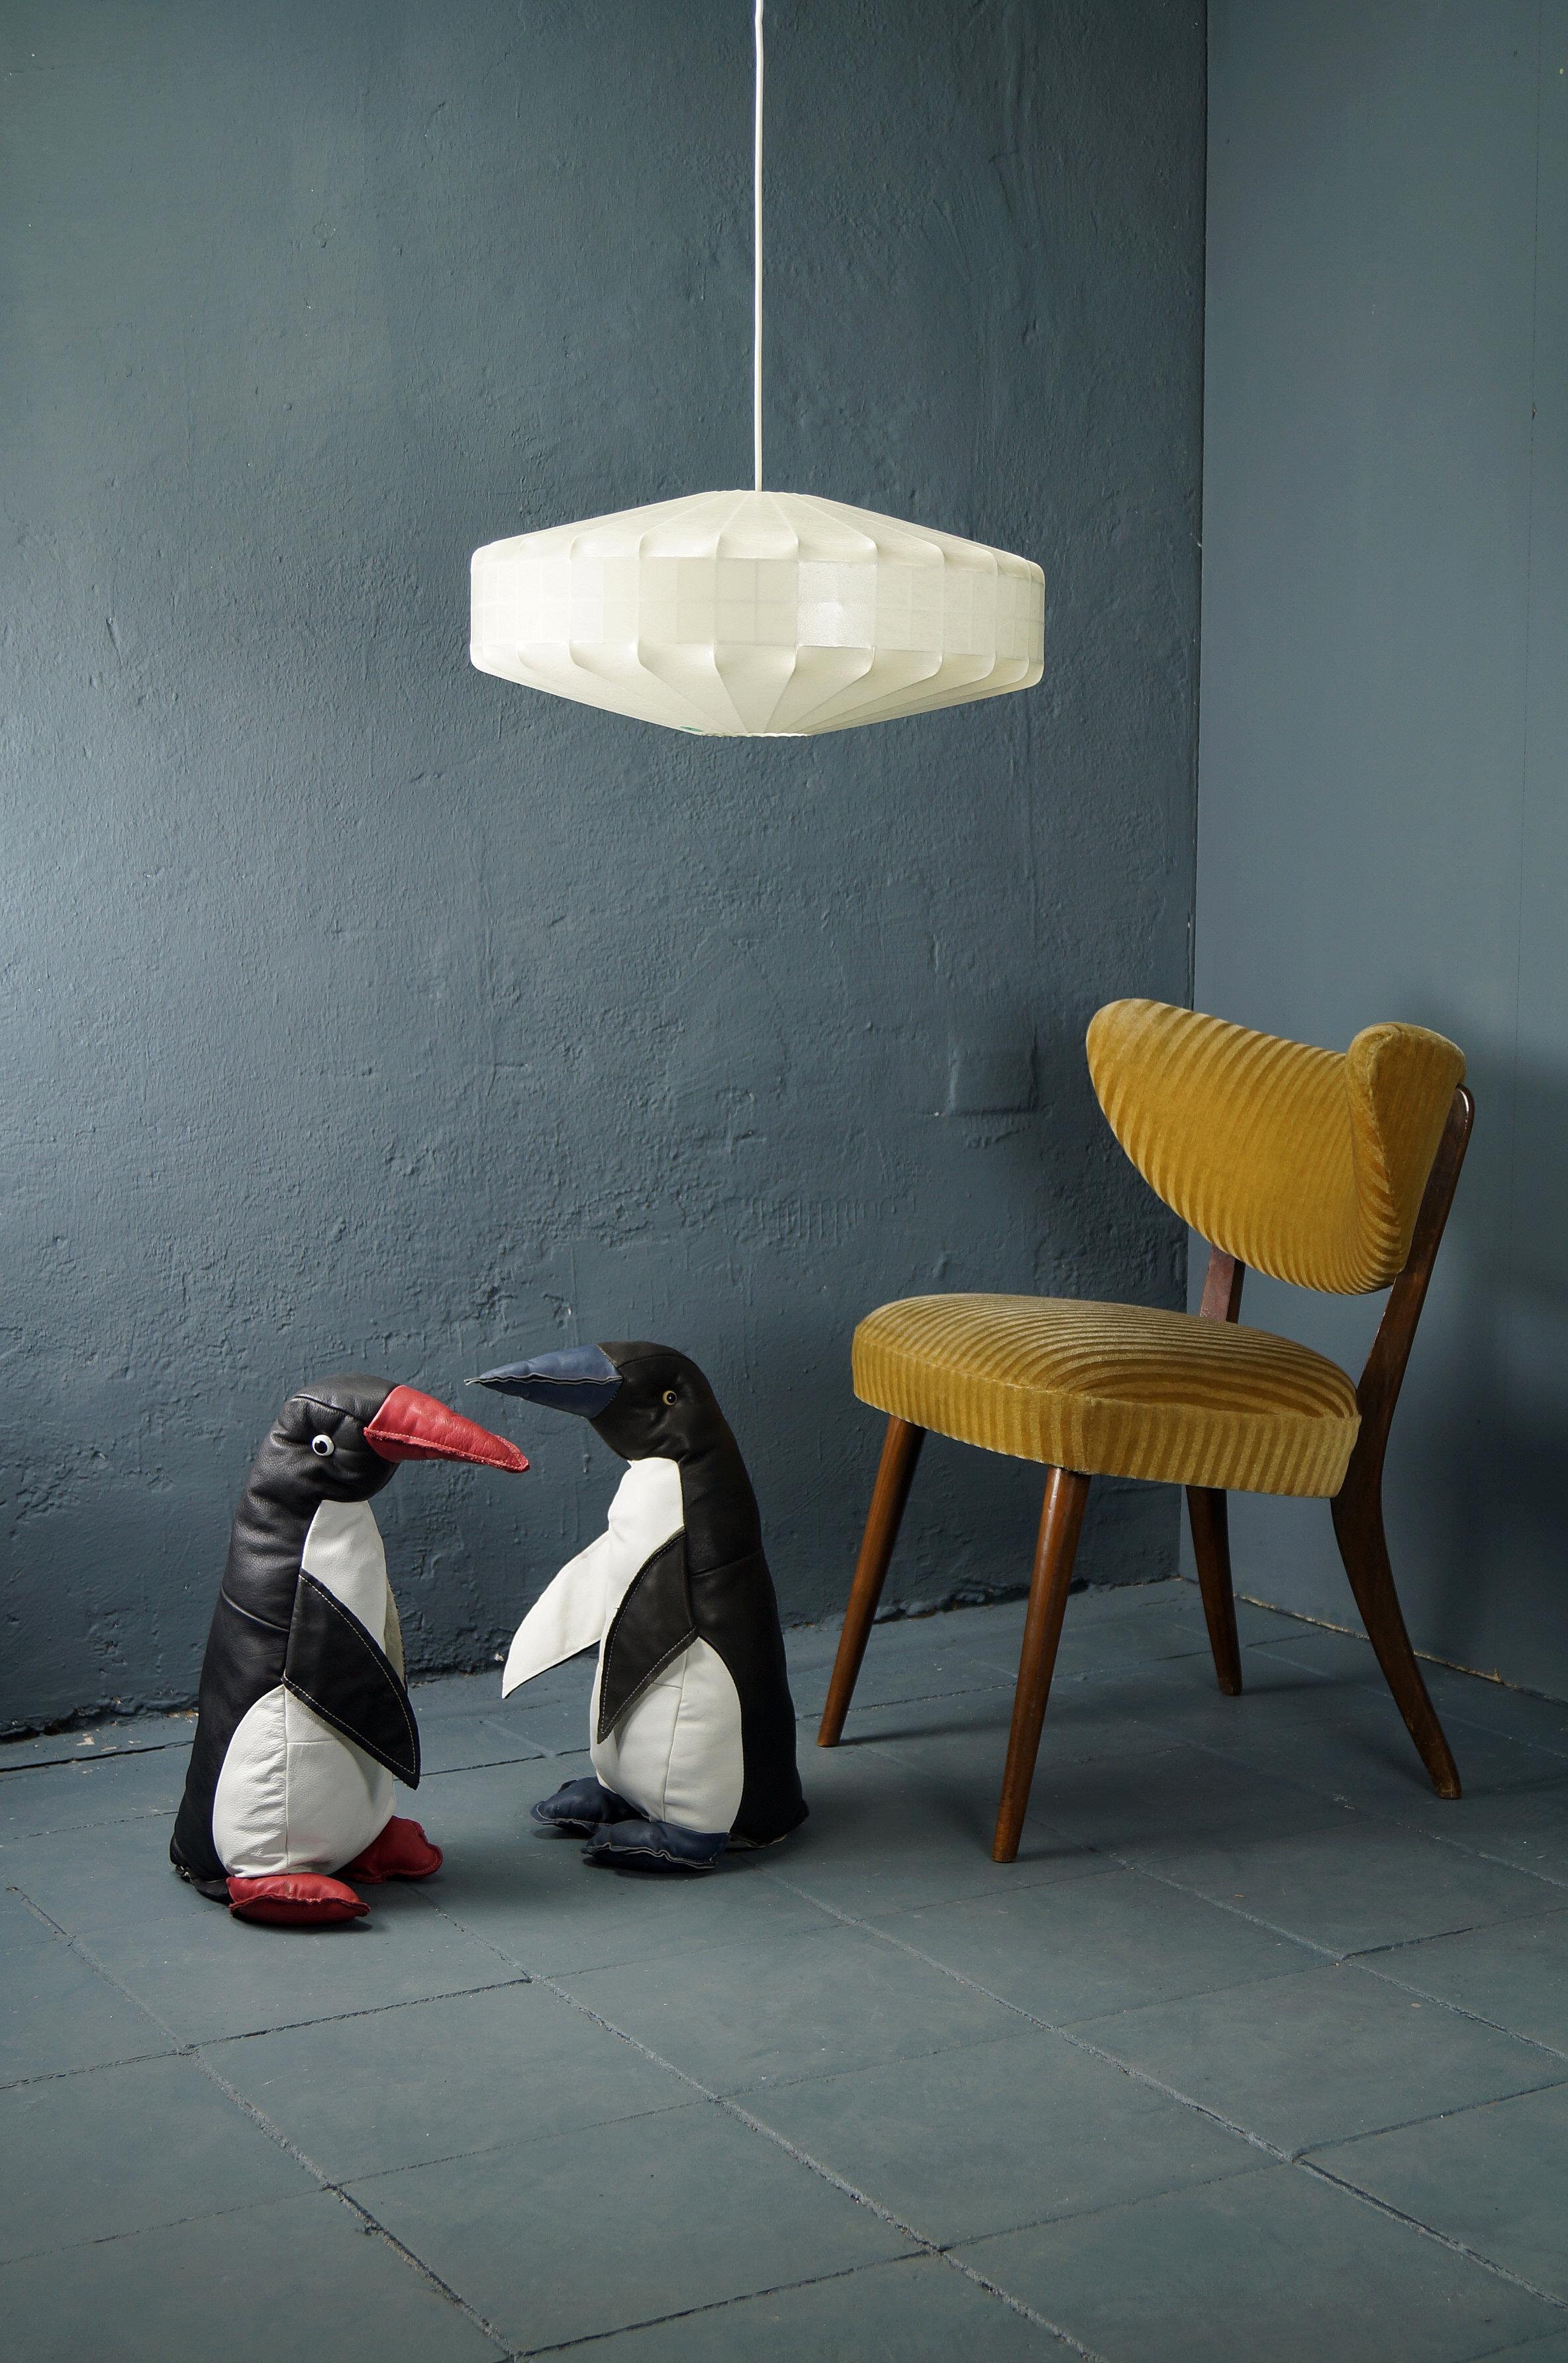 Faszinierend Ausgefallene Deckenlampen Dekoration Von Tagged In: 50er, 50s, 60er, 60s, Cocoon,